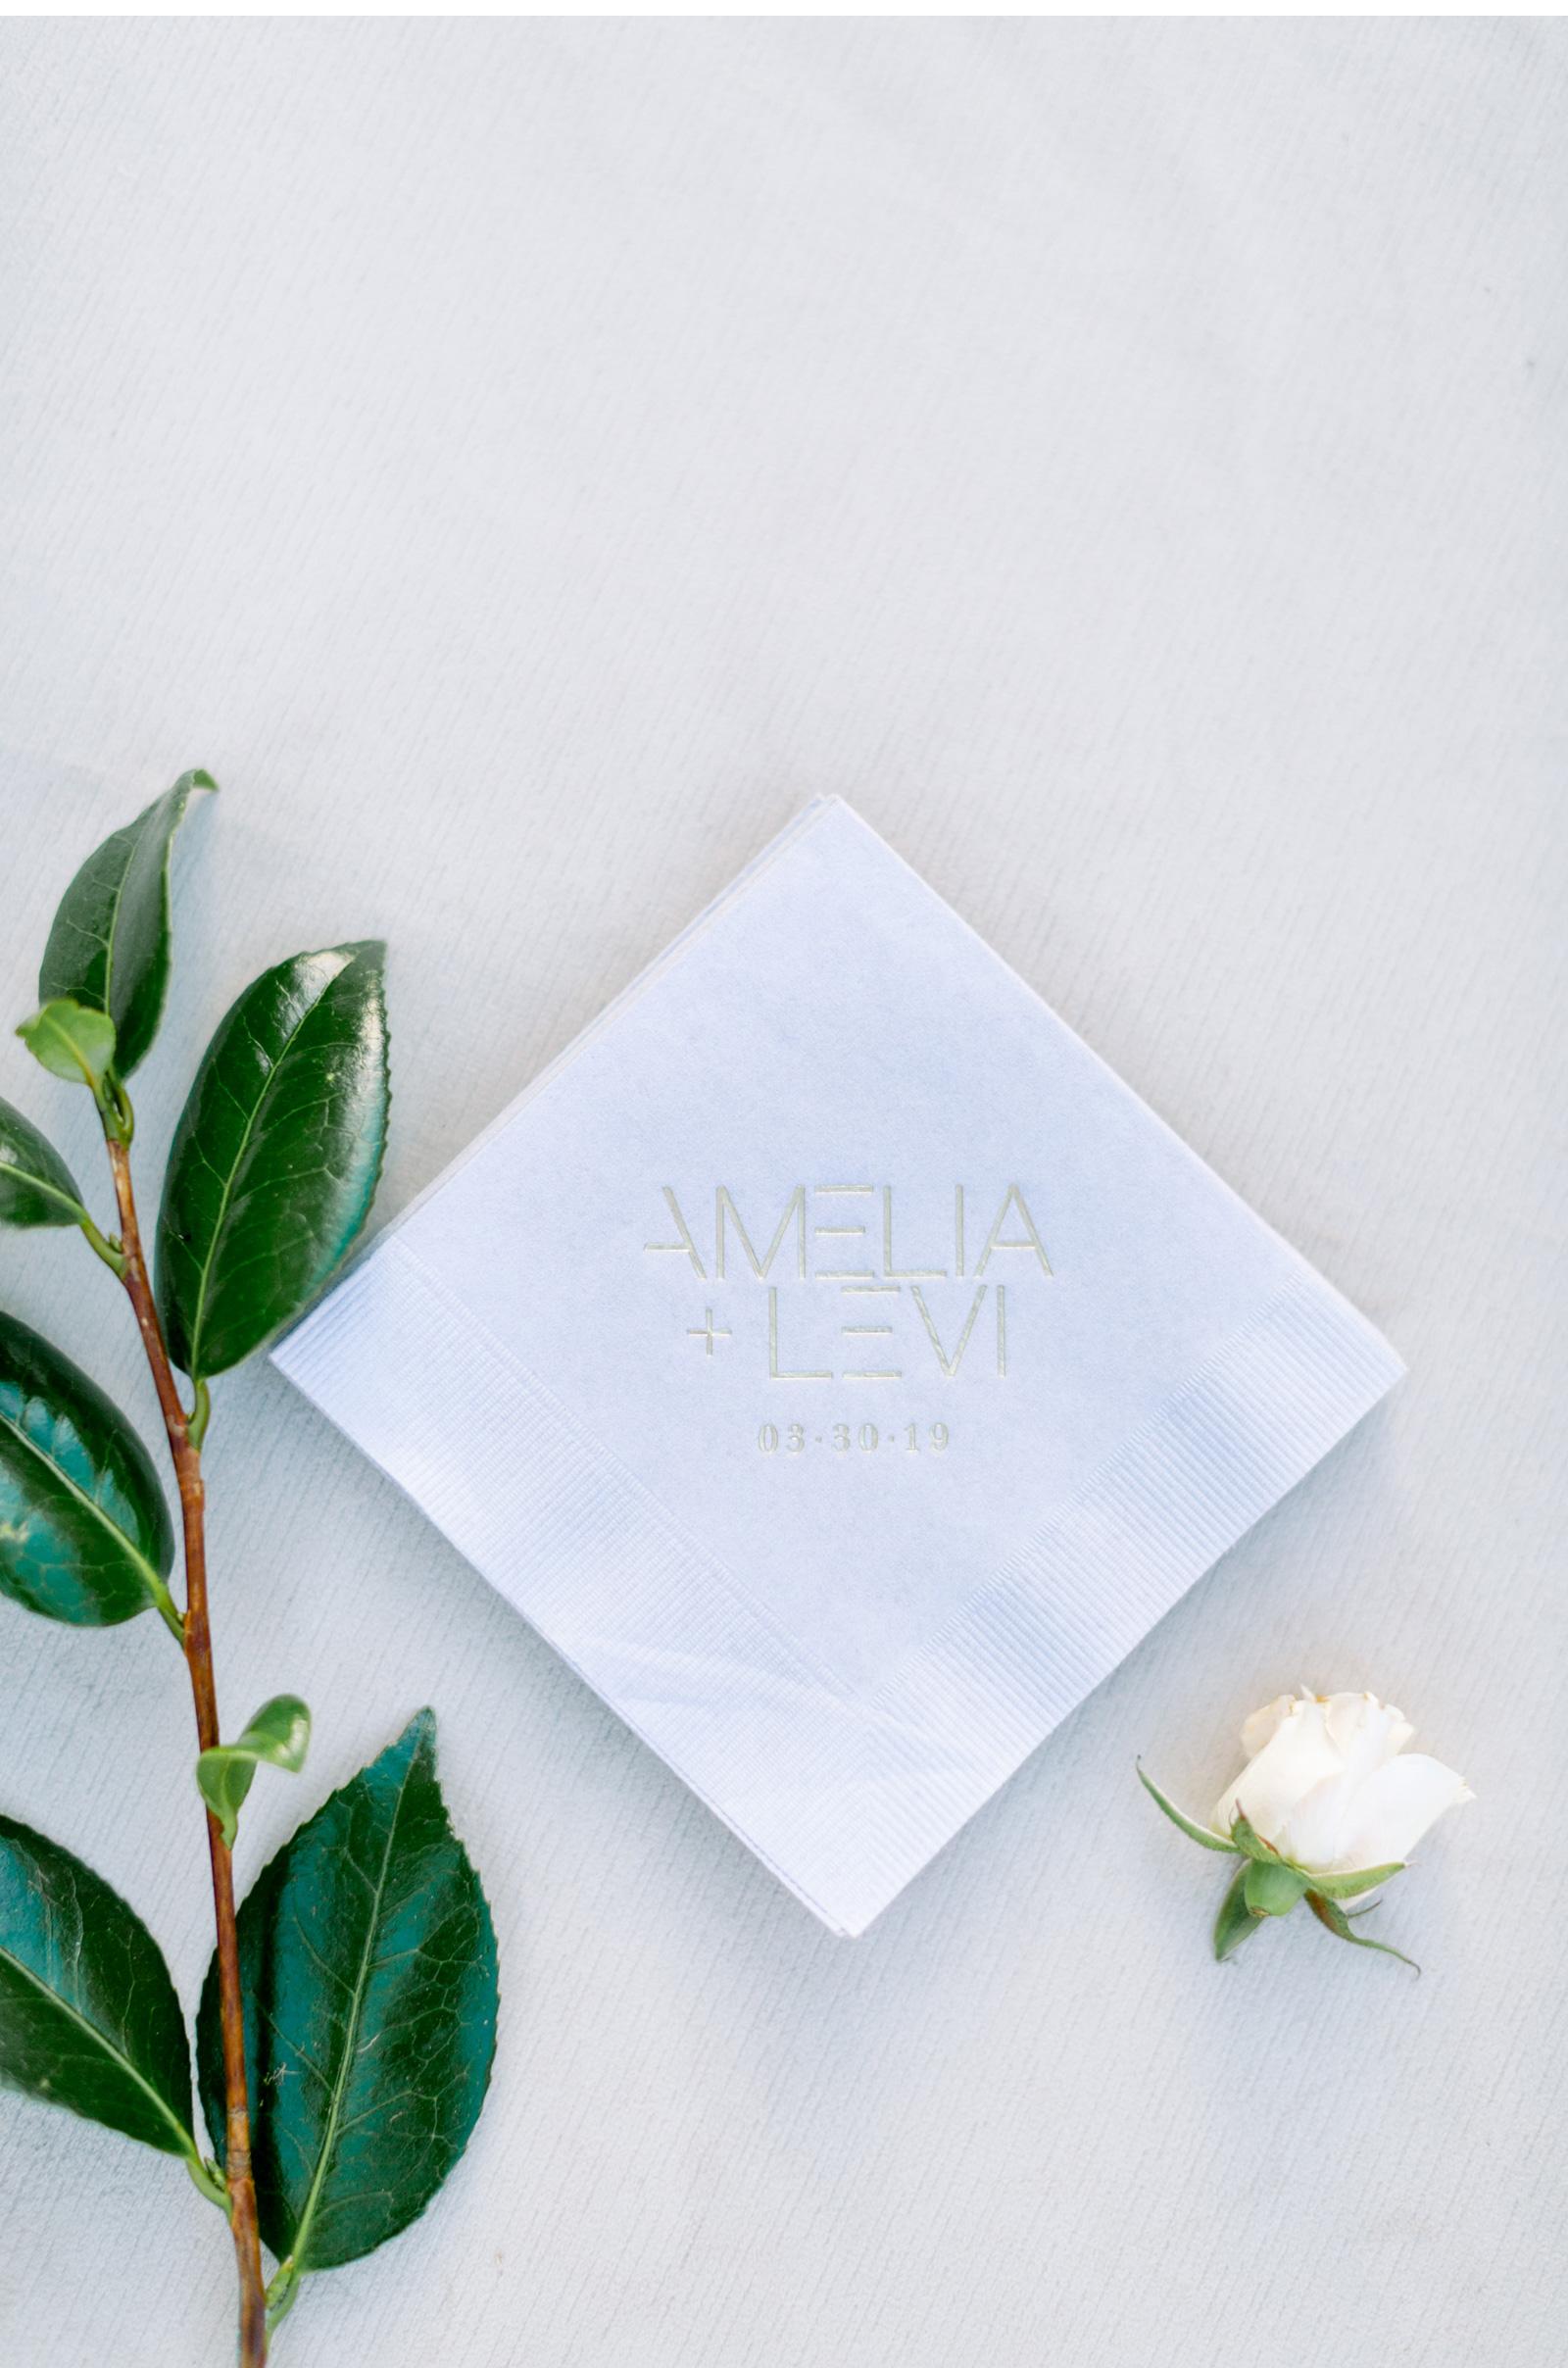 Malibu-Wedding-Photography-West-Coast-Wedding-Venues-Style-Me-Pretty-Malibu-Wedding-Venue_04.jpg